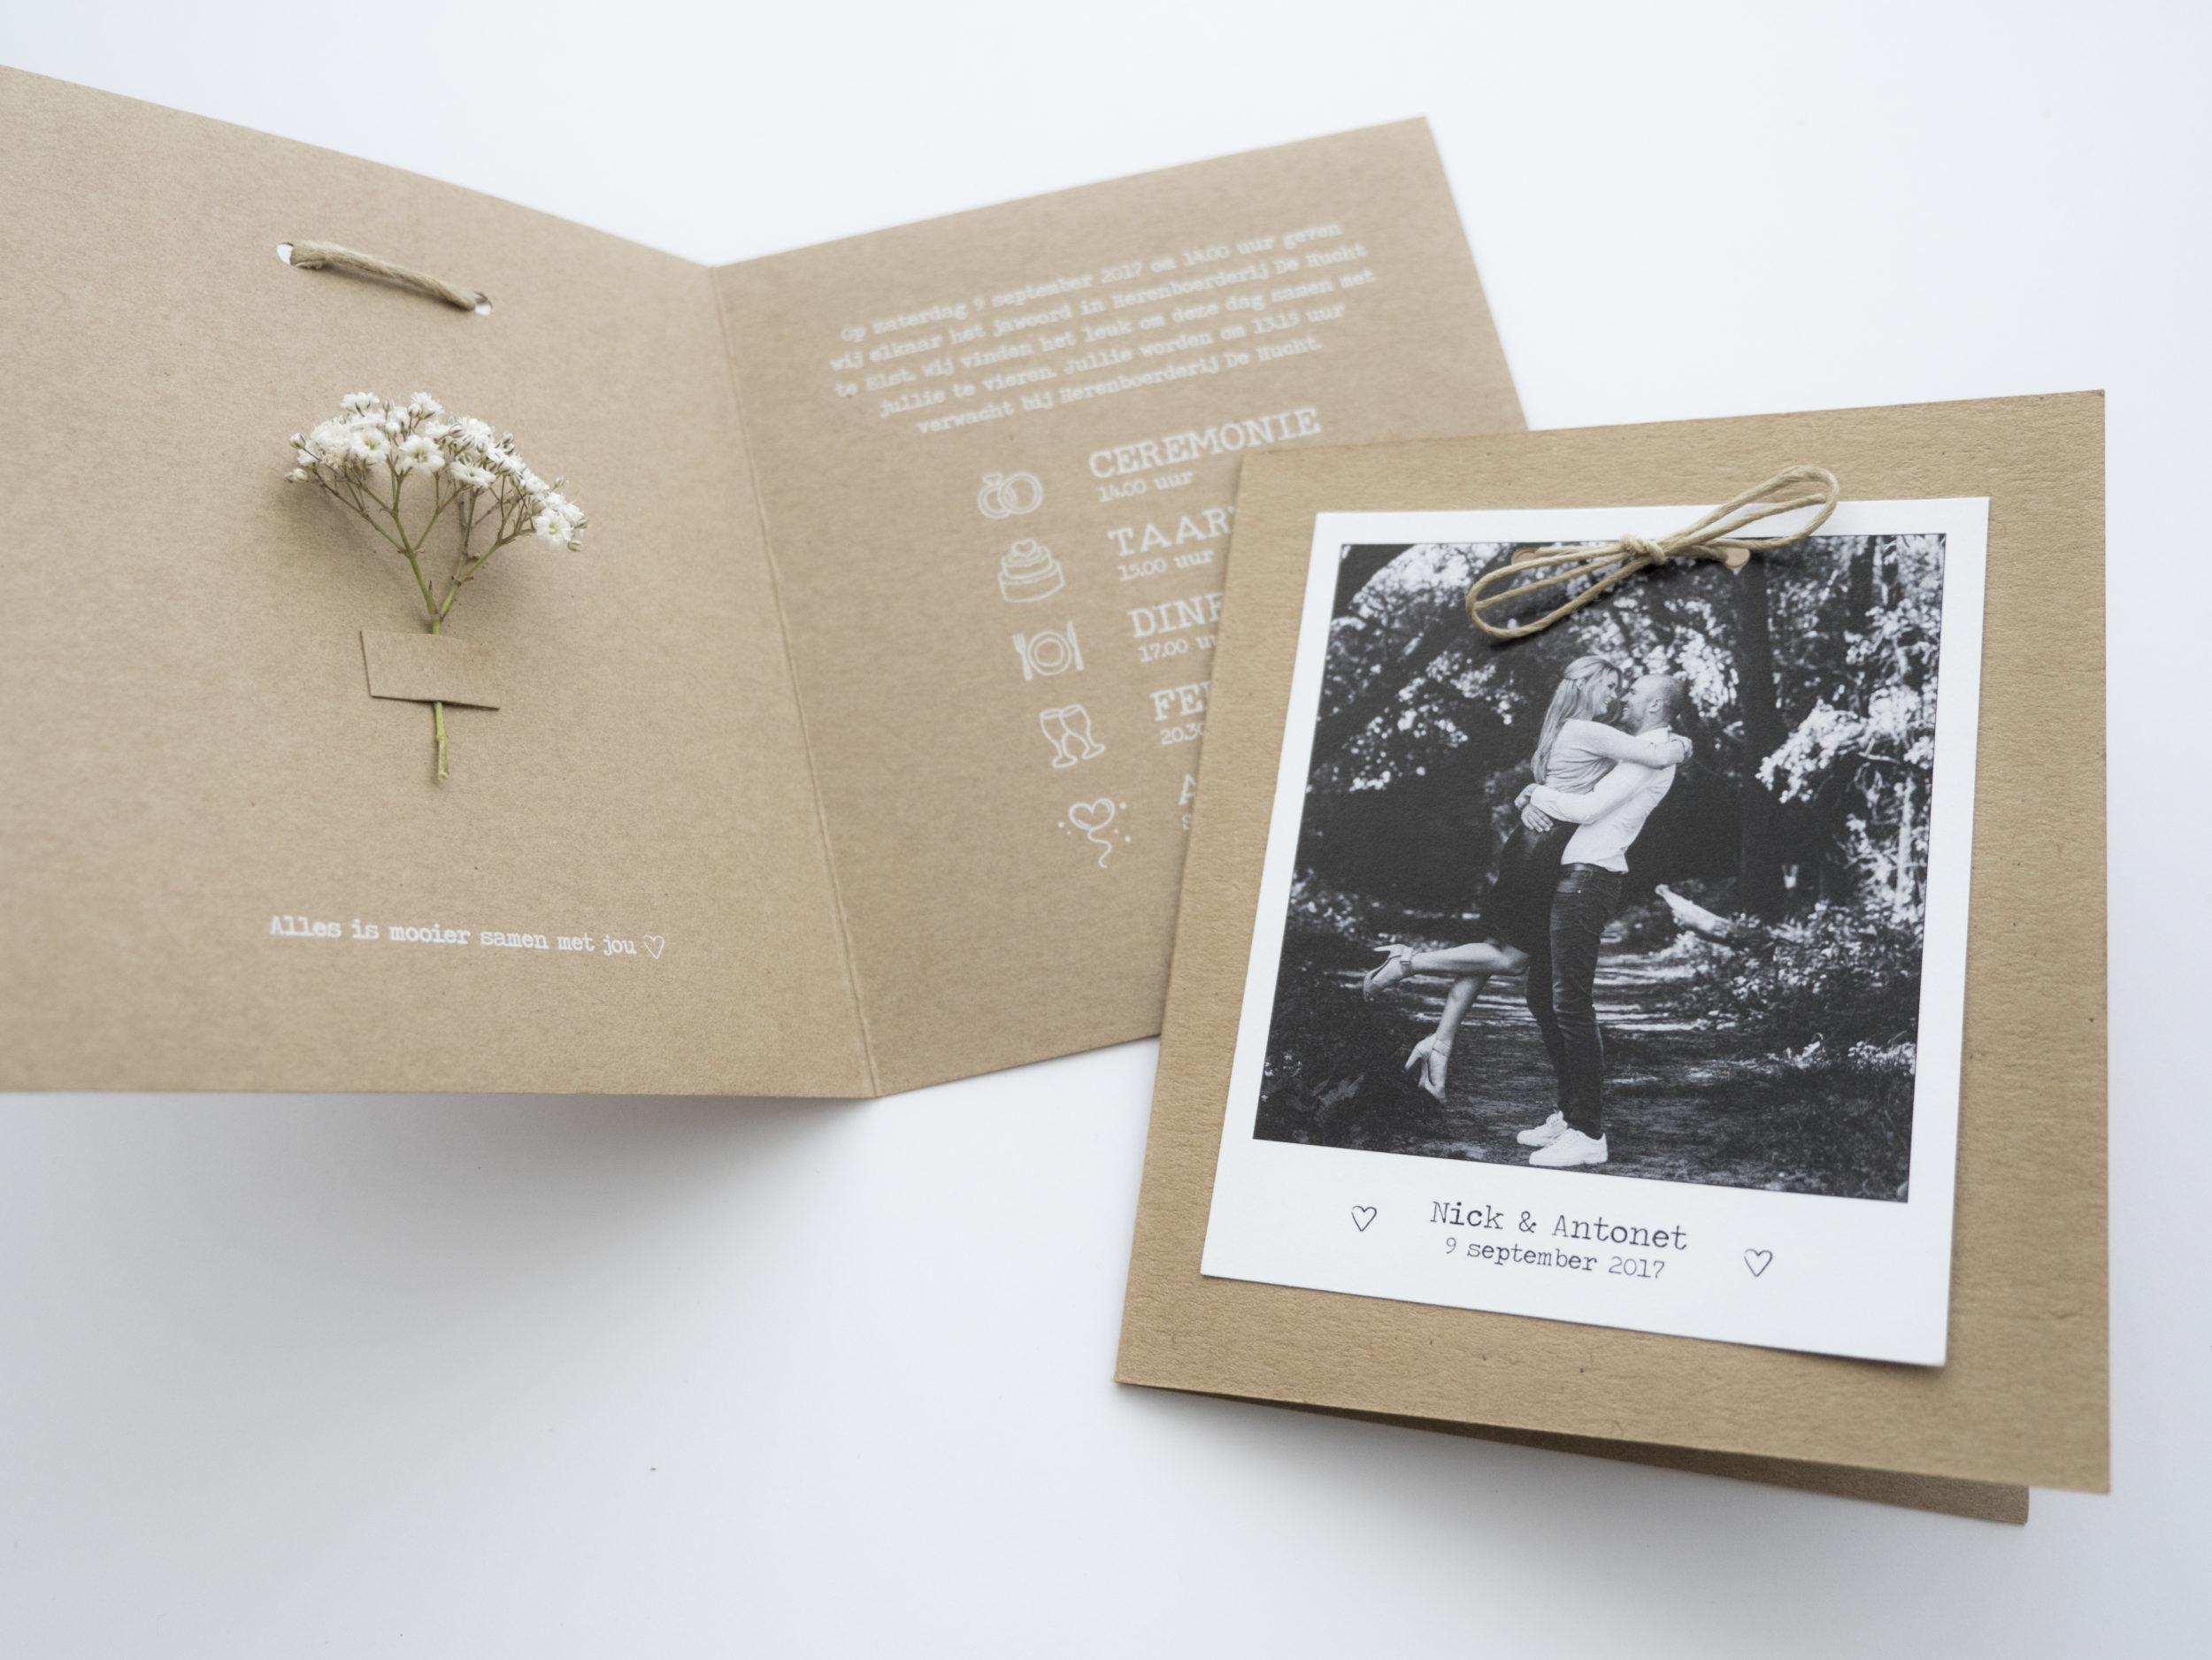 Een moderne, maar ook sfeervolle trouwkaart werd deze tweeluik in Polaroid stijl. Met een klein labeltje bevestig je het takje gipskruid in de kaart. Het bruidspaar liet ook een bijpassend label voor het diner en de labels voor de bedankjes ontwerpen.